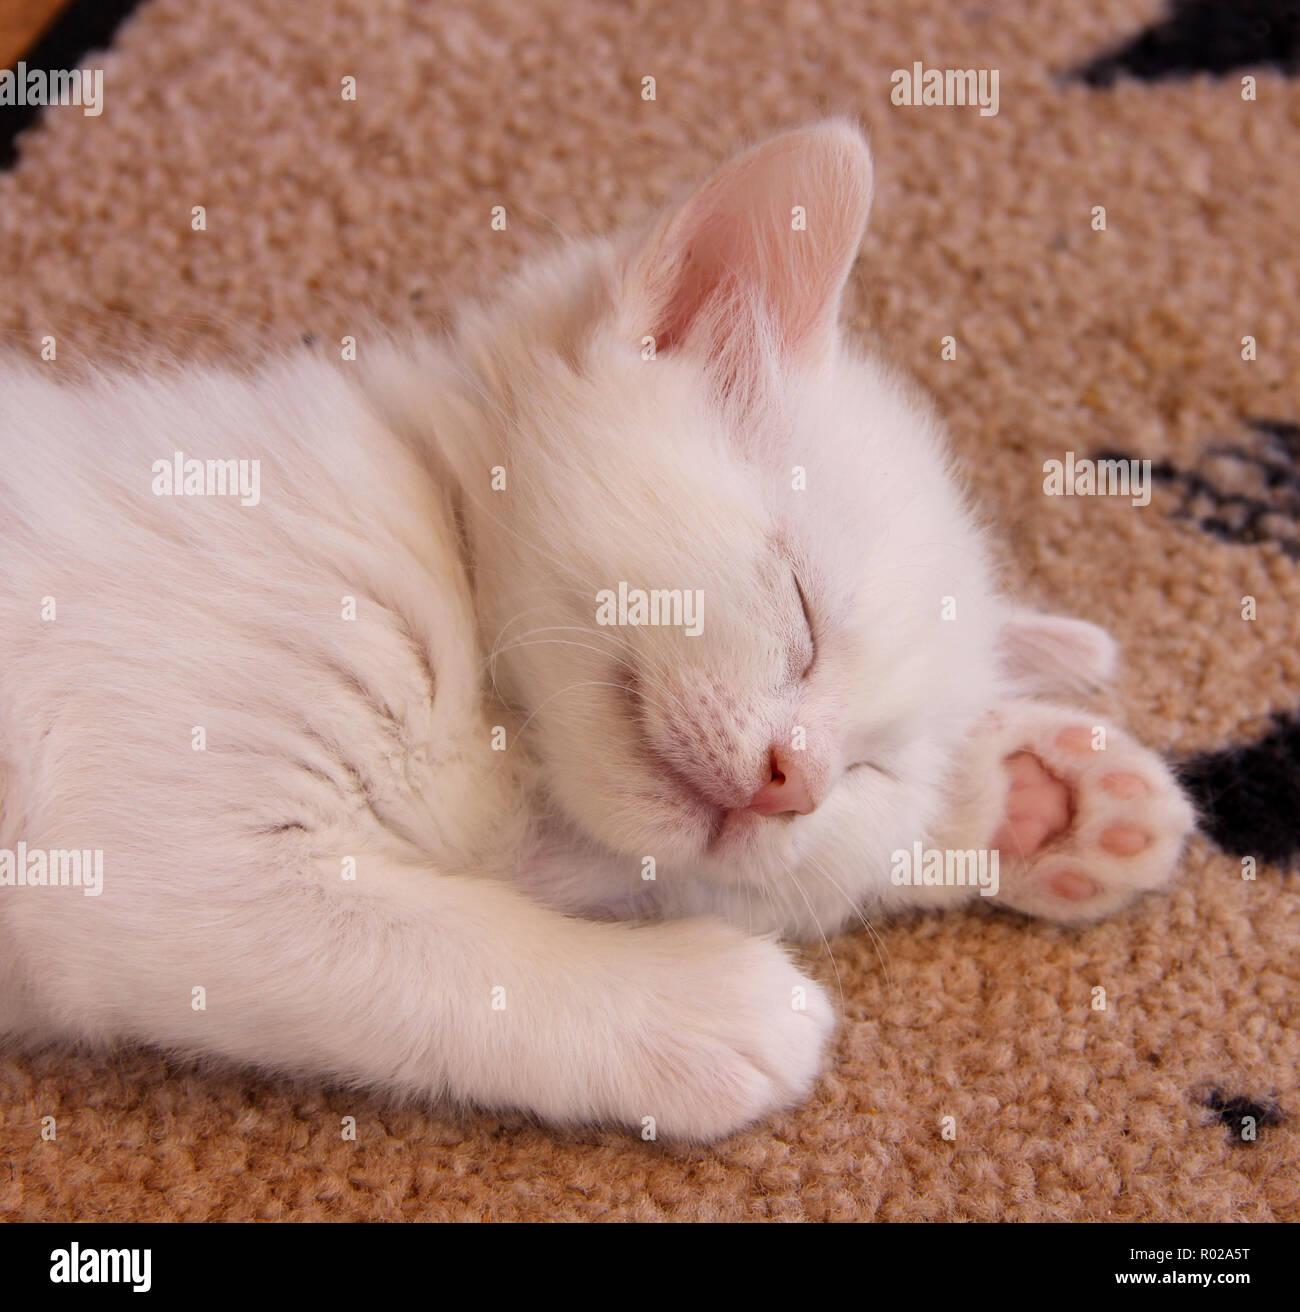 white kitten, 5 weeks old, sleeping - Stock Image